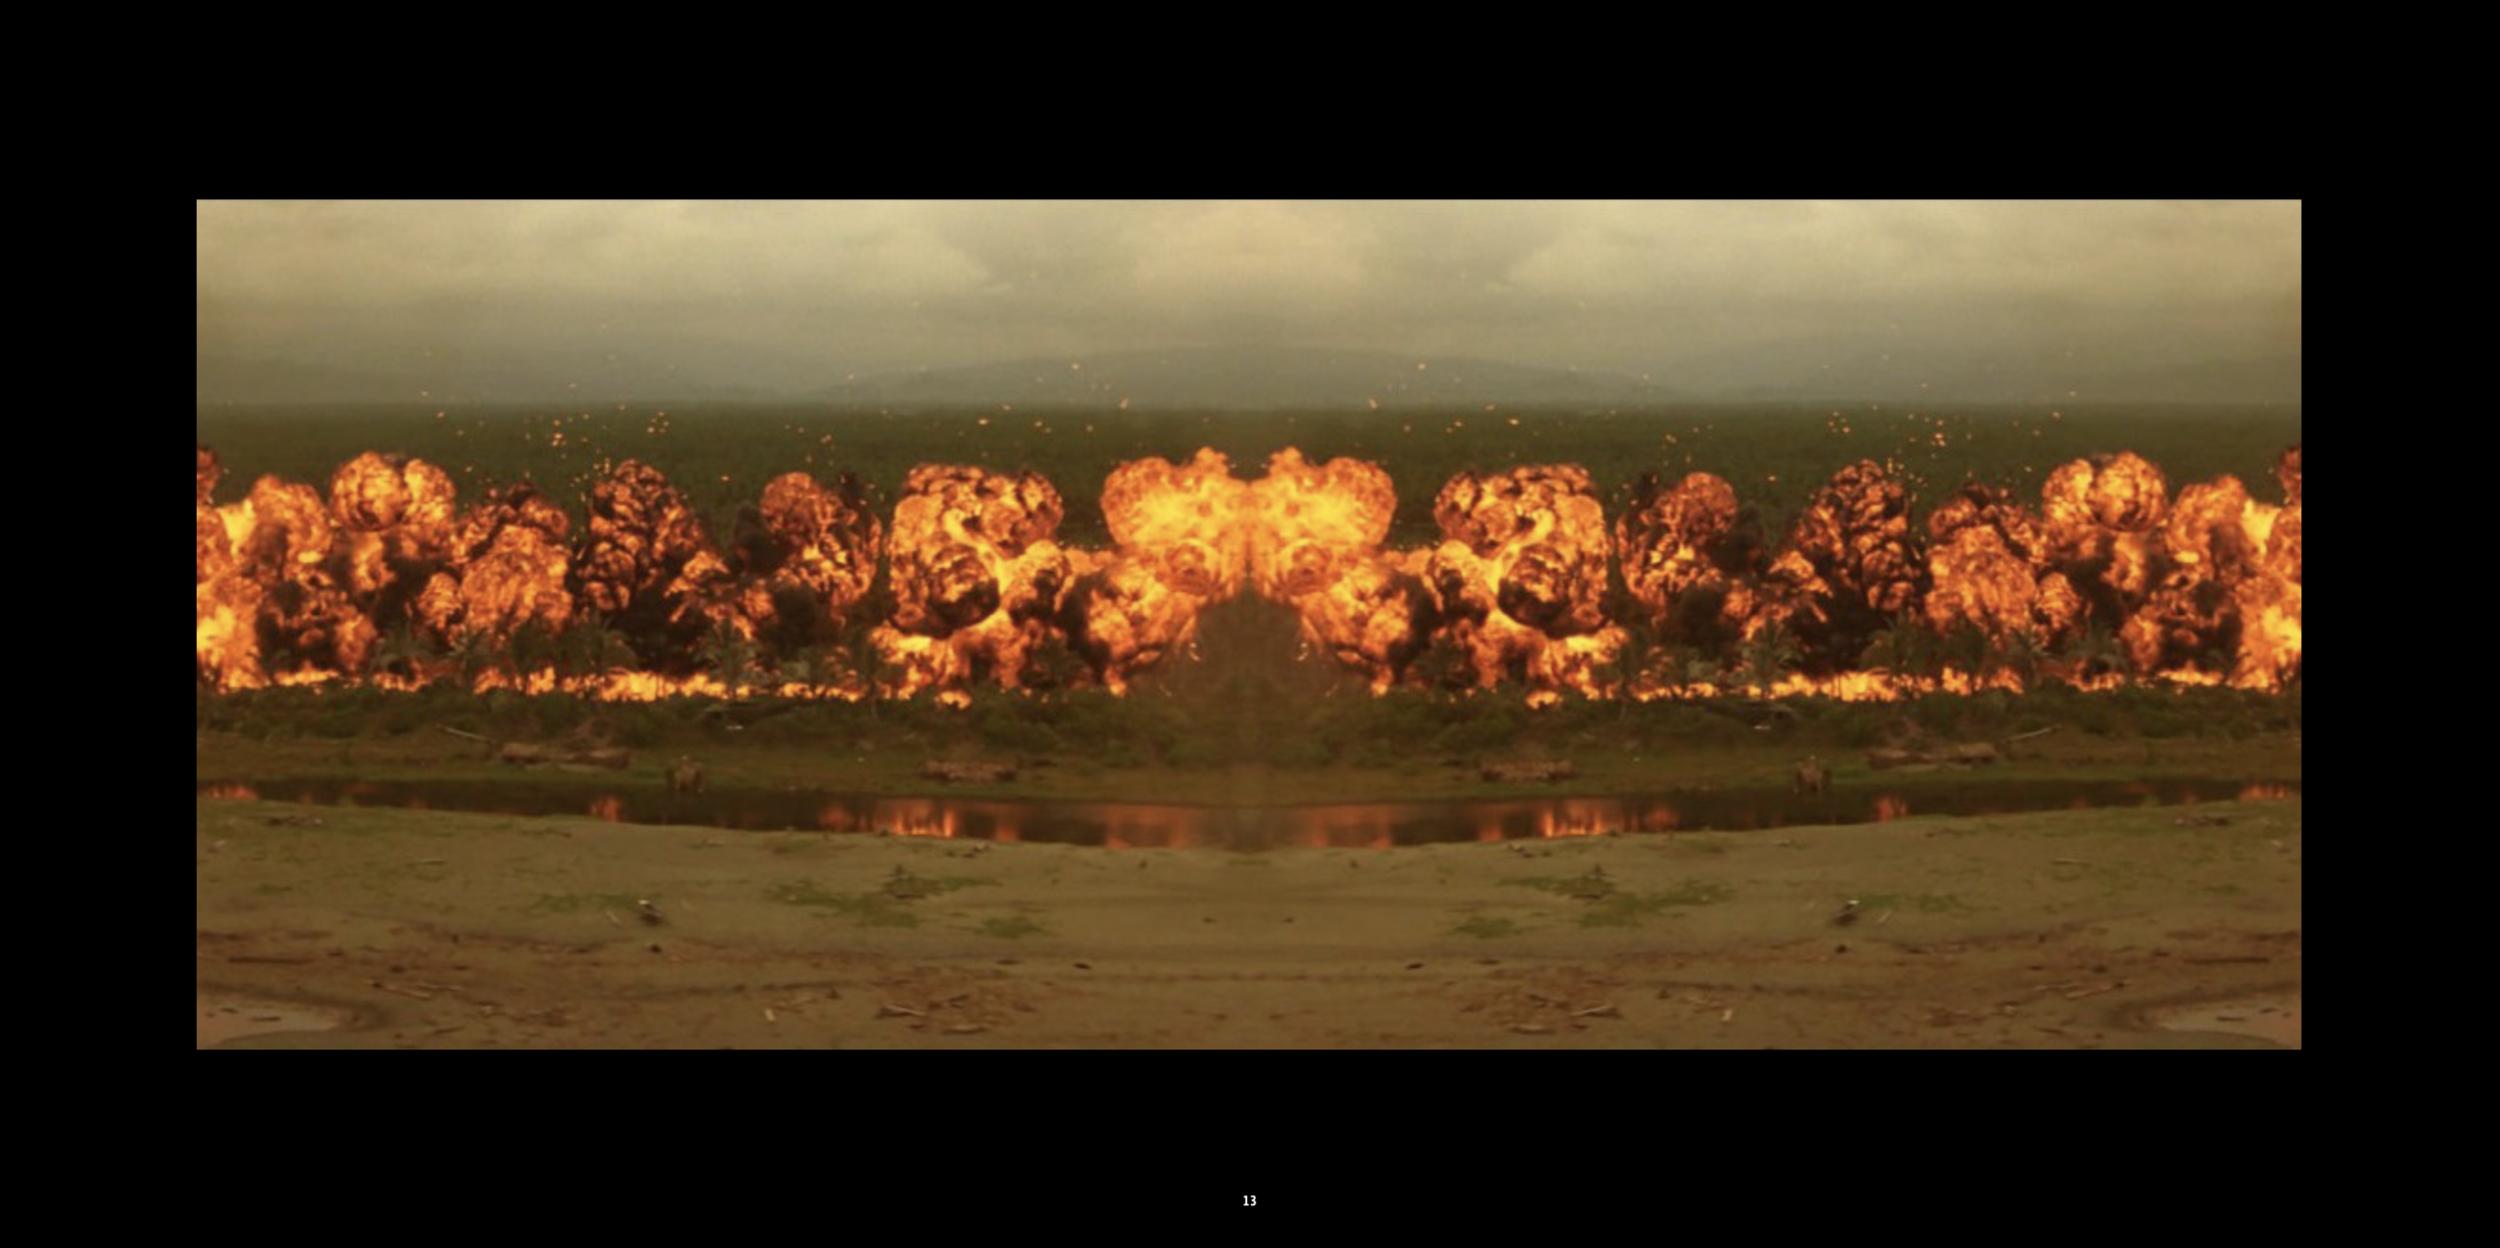 Screenshot 2019-06-20 at 19.25.36.png